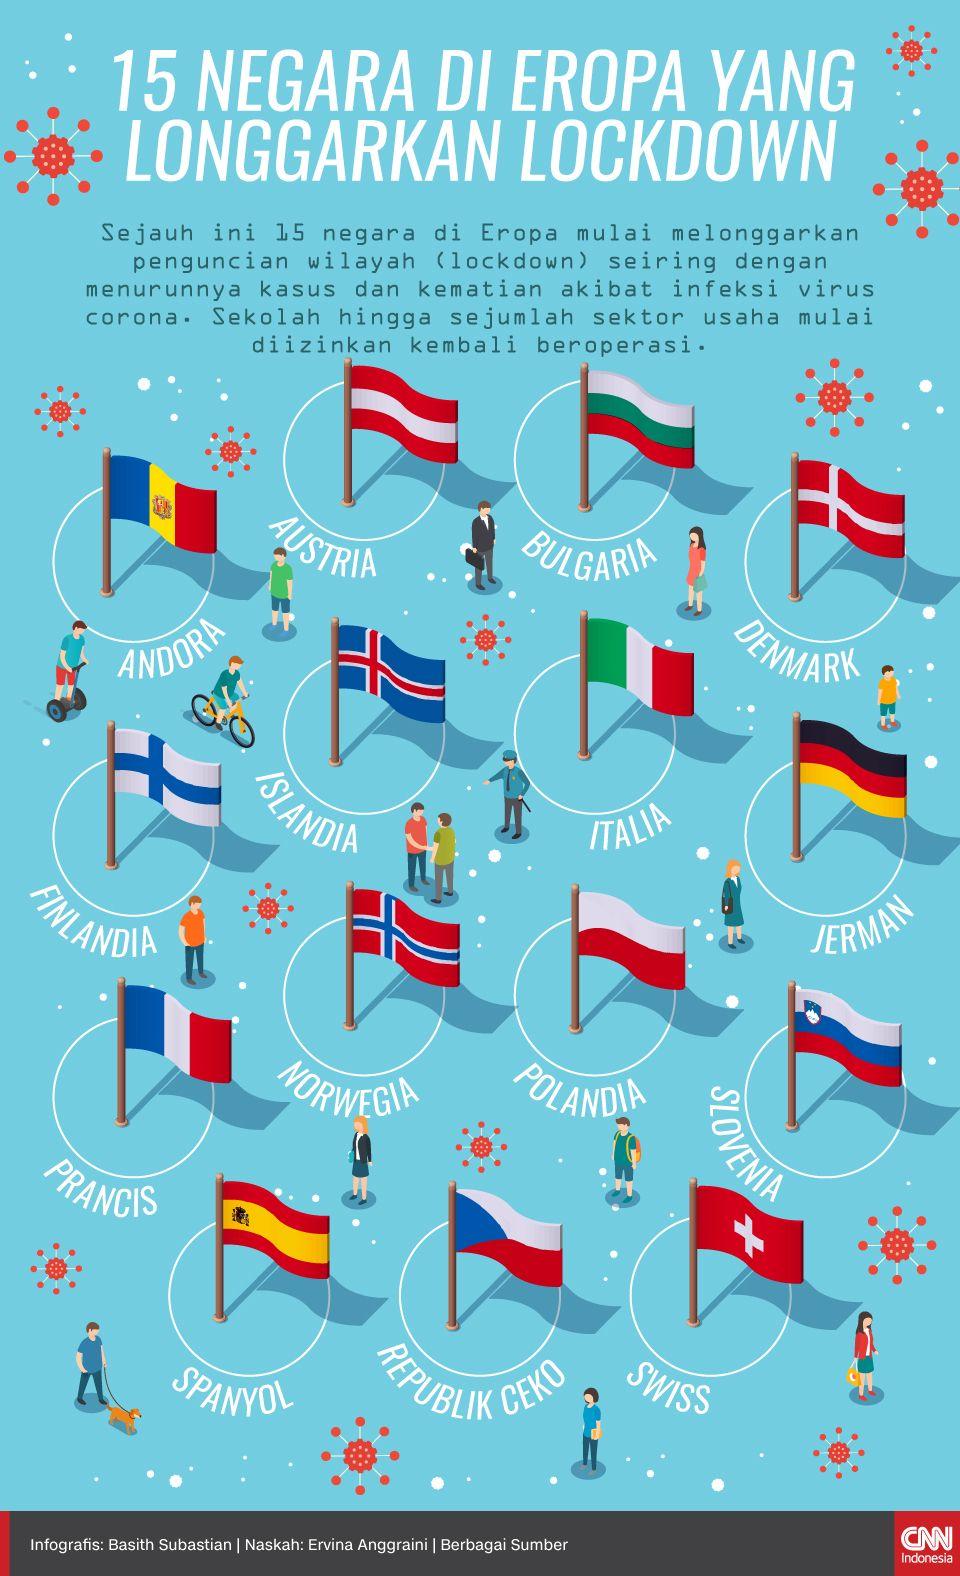 Infografis 15 Negara di Eropa yang Longgarkan Lockdown